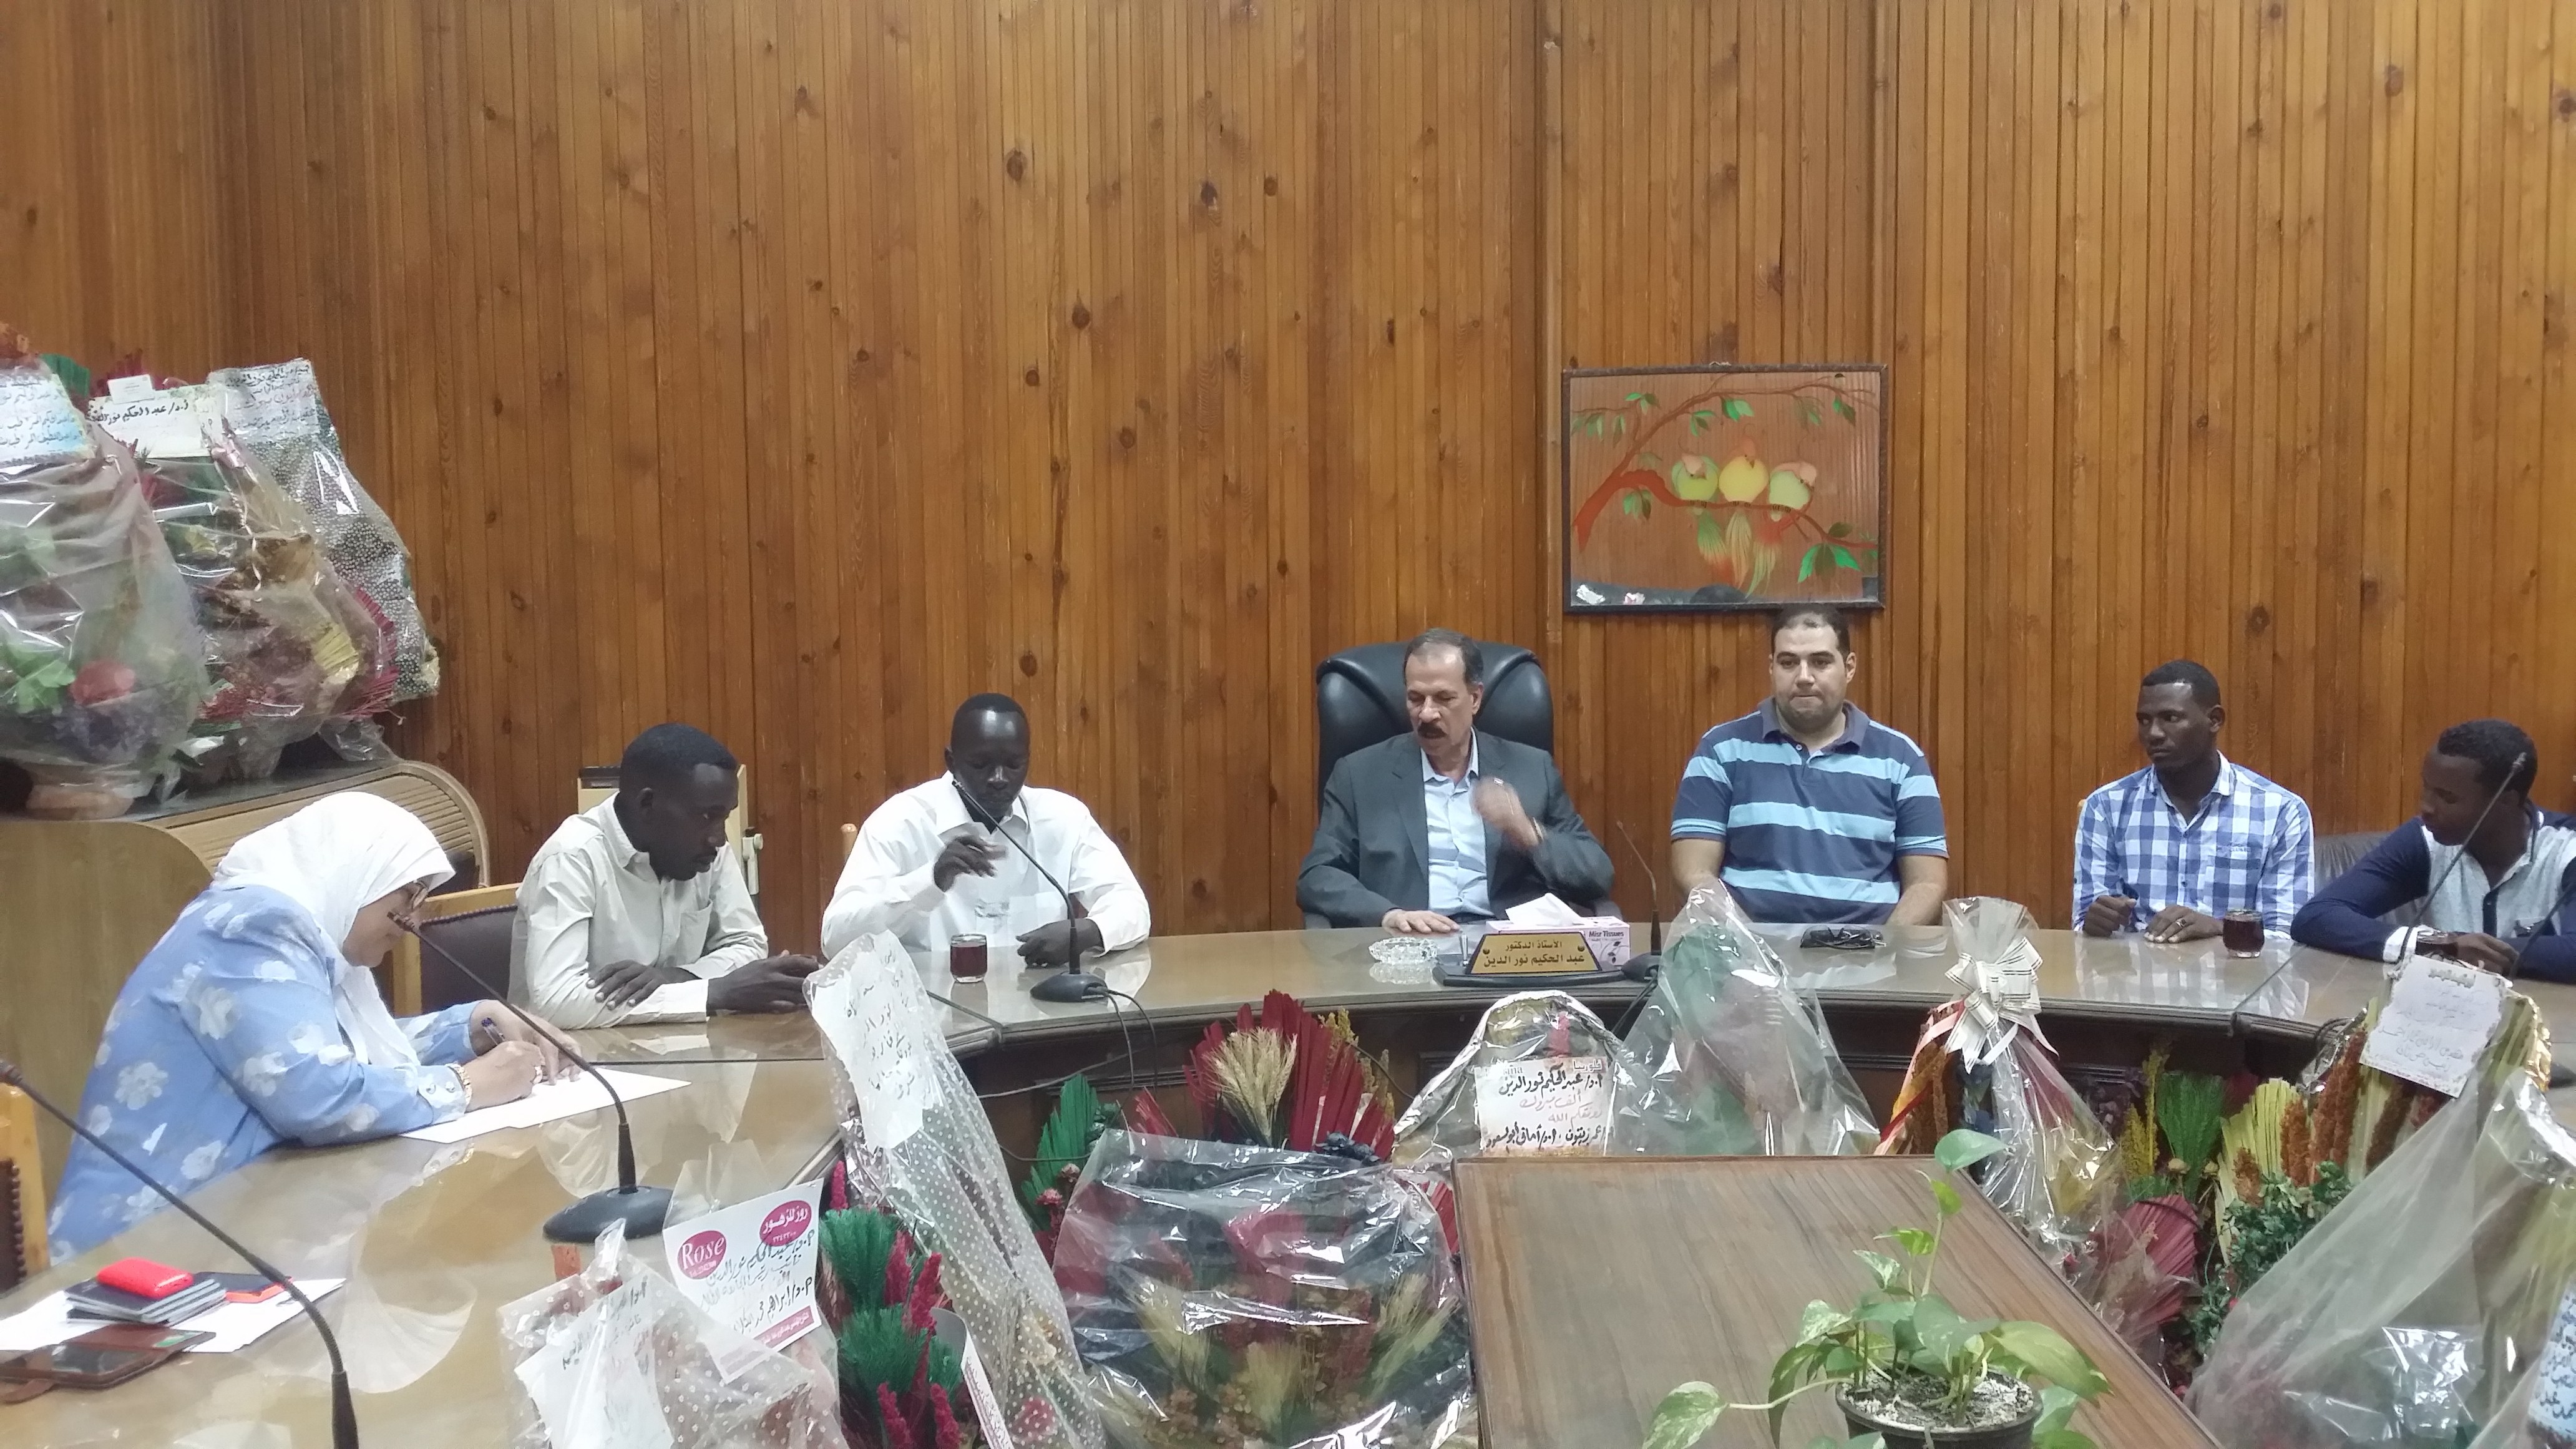 جامعة الزقازيق تستقبل وفد طلاب عربي اليوم في إطار برنامج التبادل الطلابي